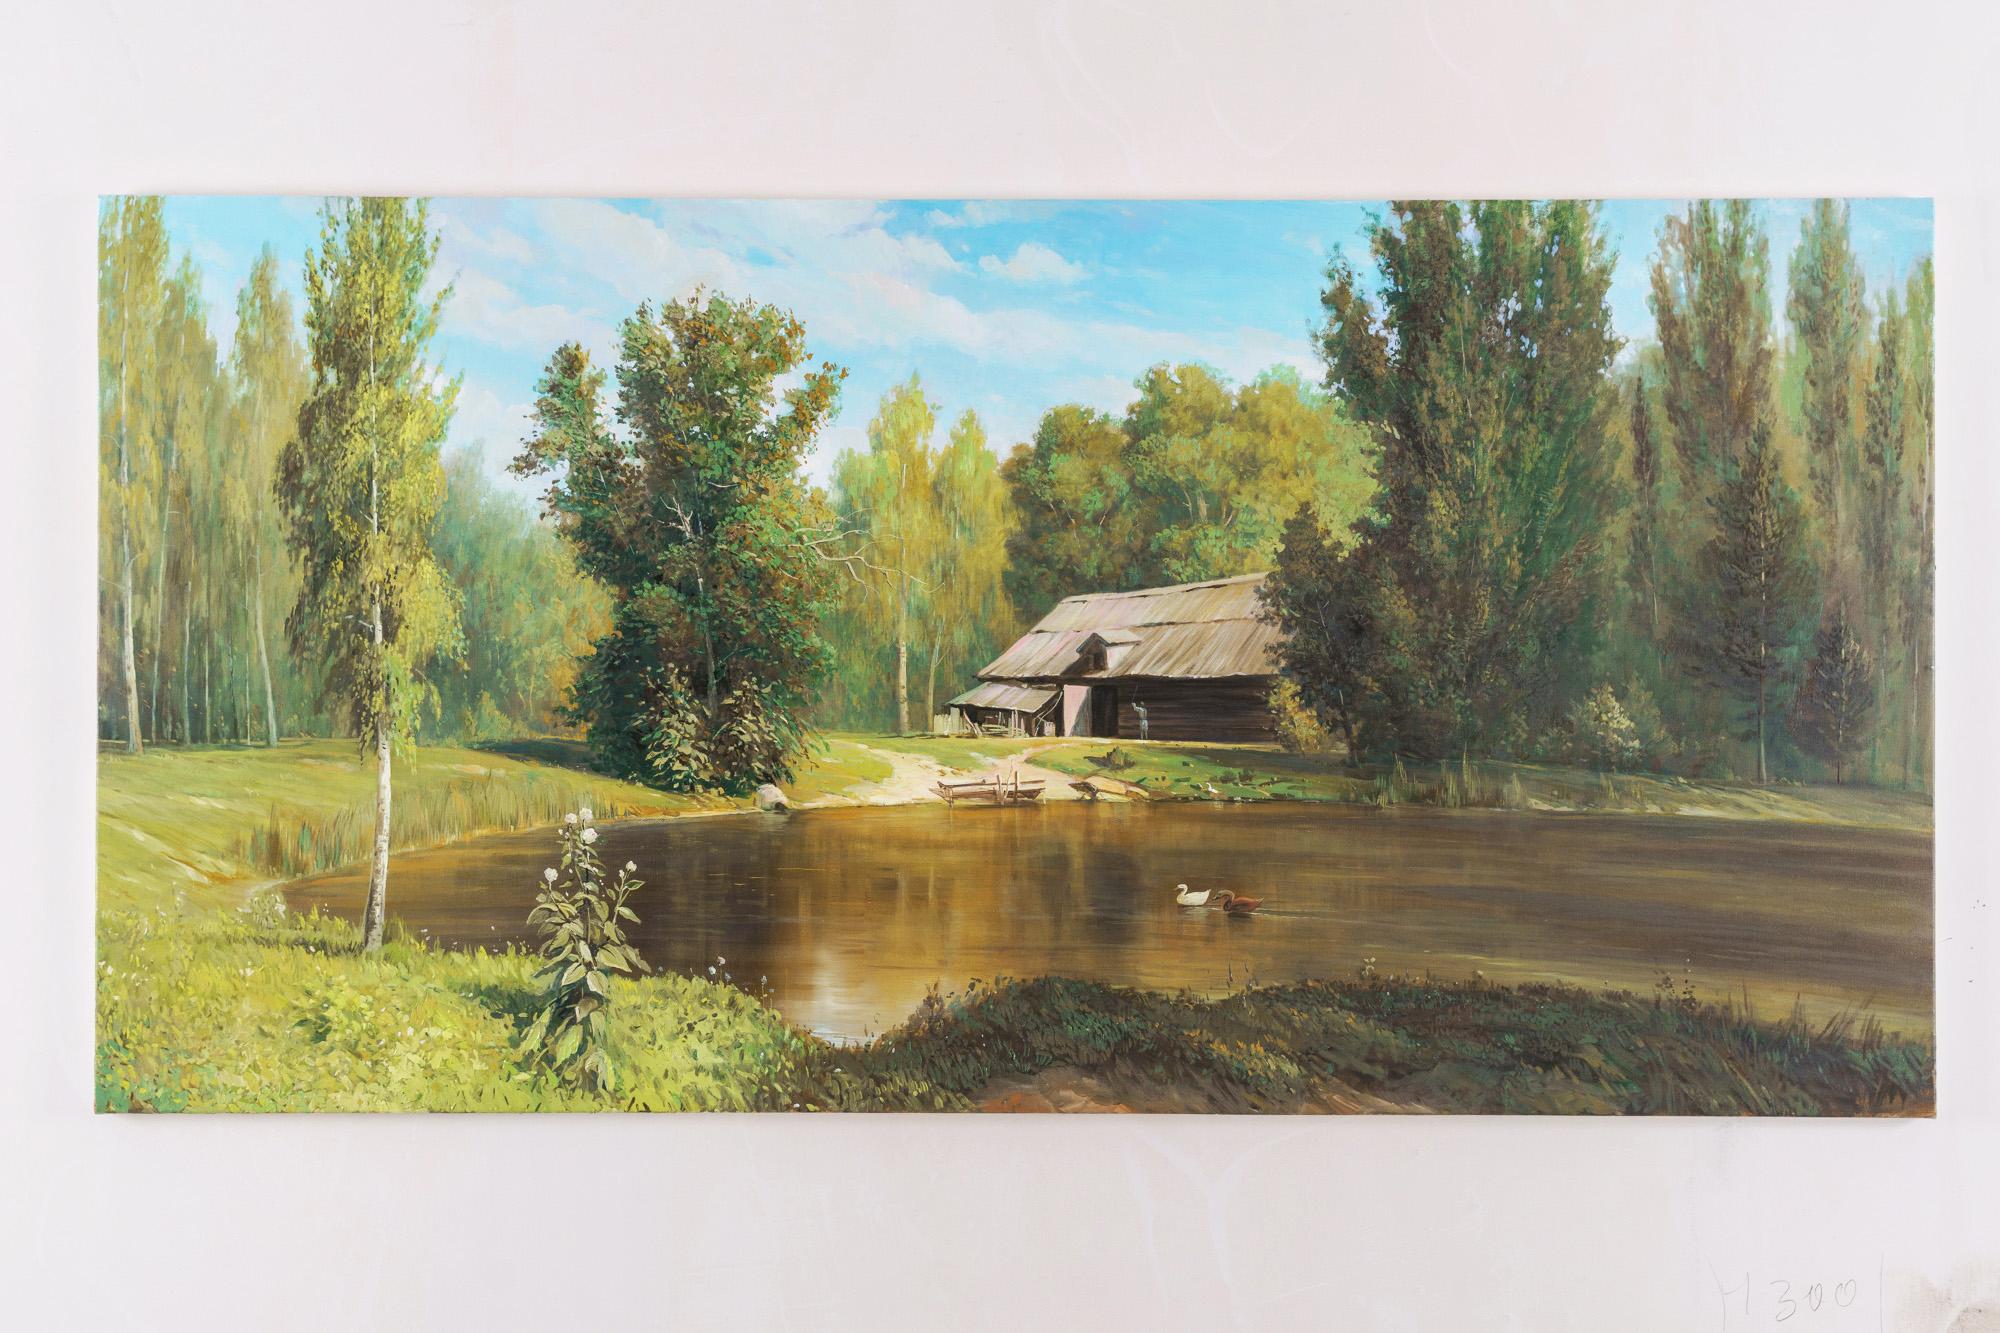 Forest - Lake - (Based on Polenov)